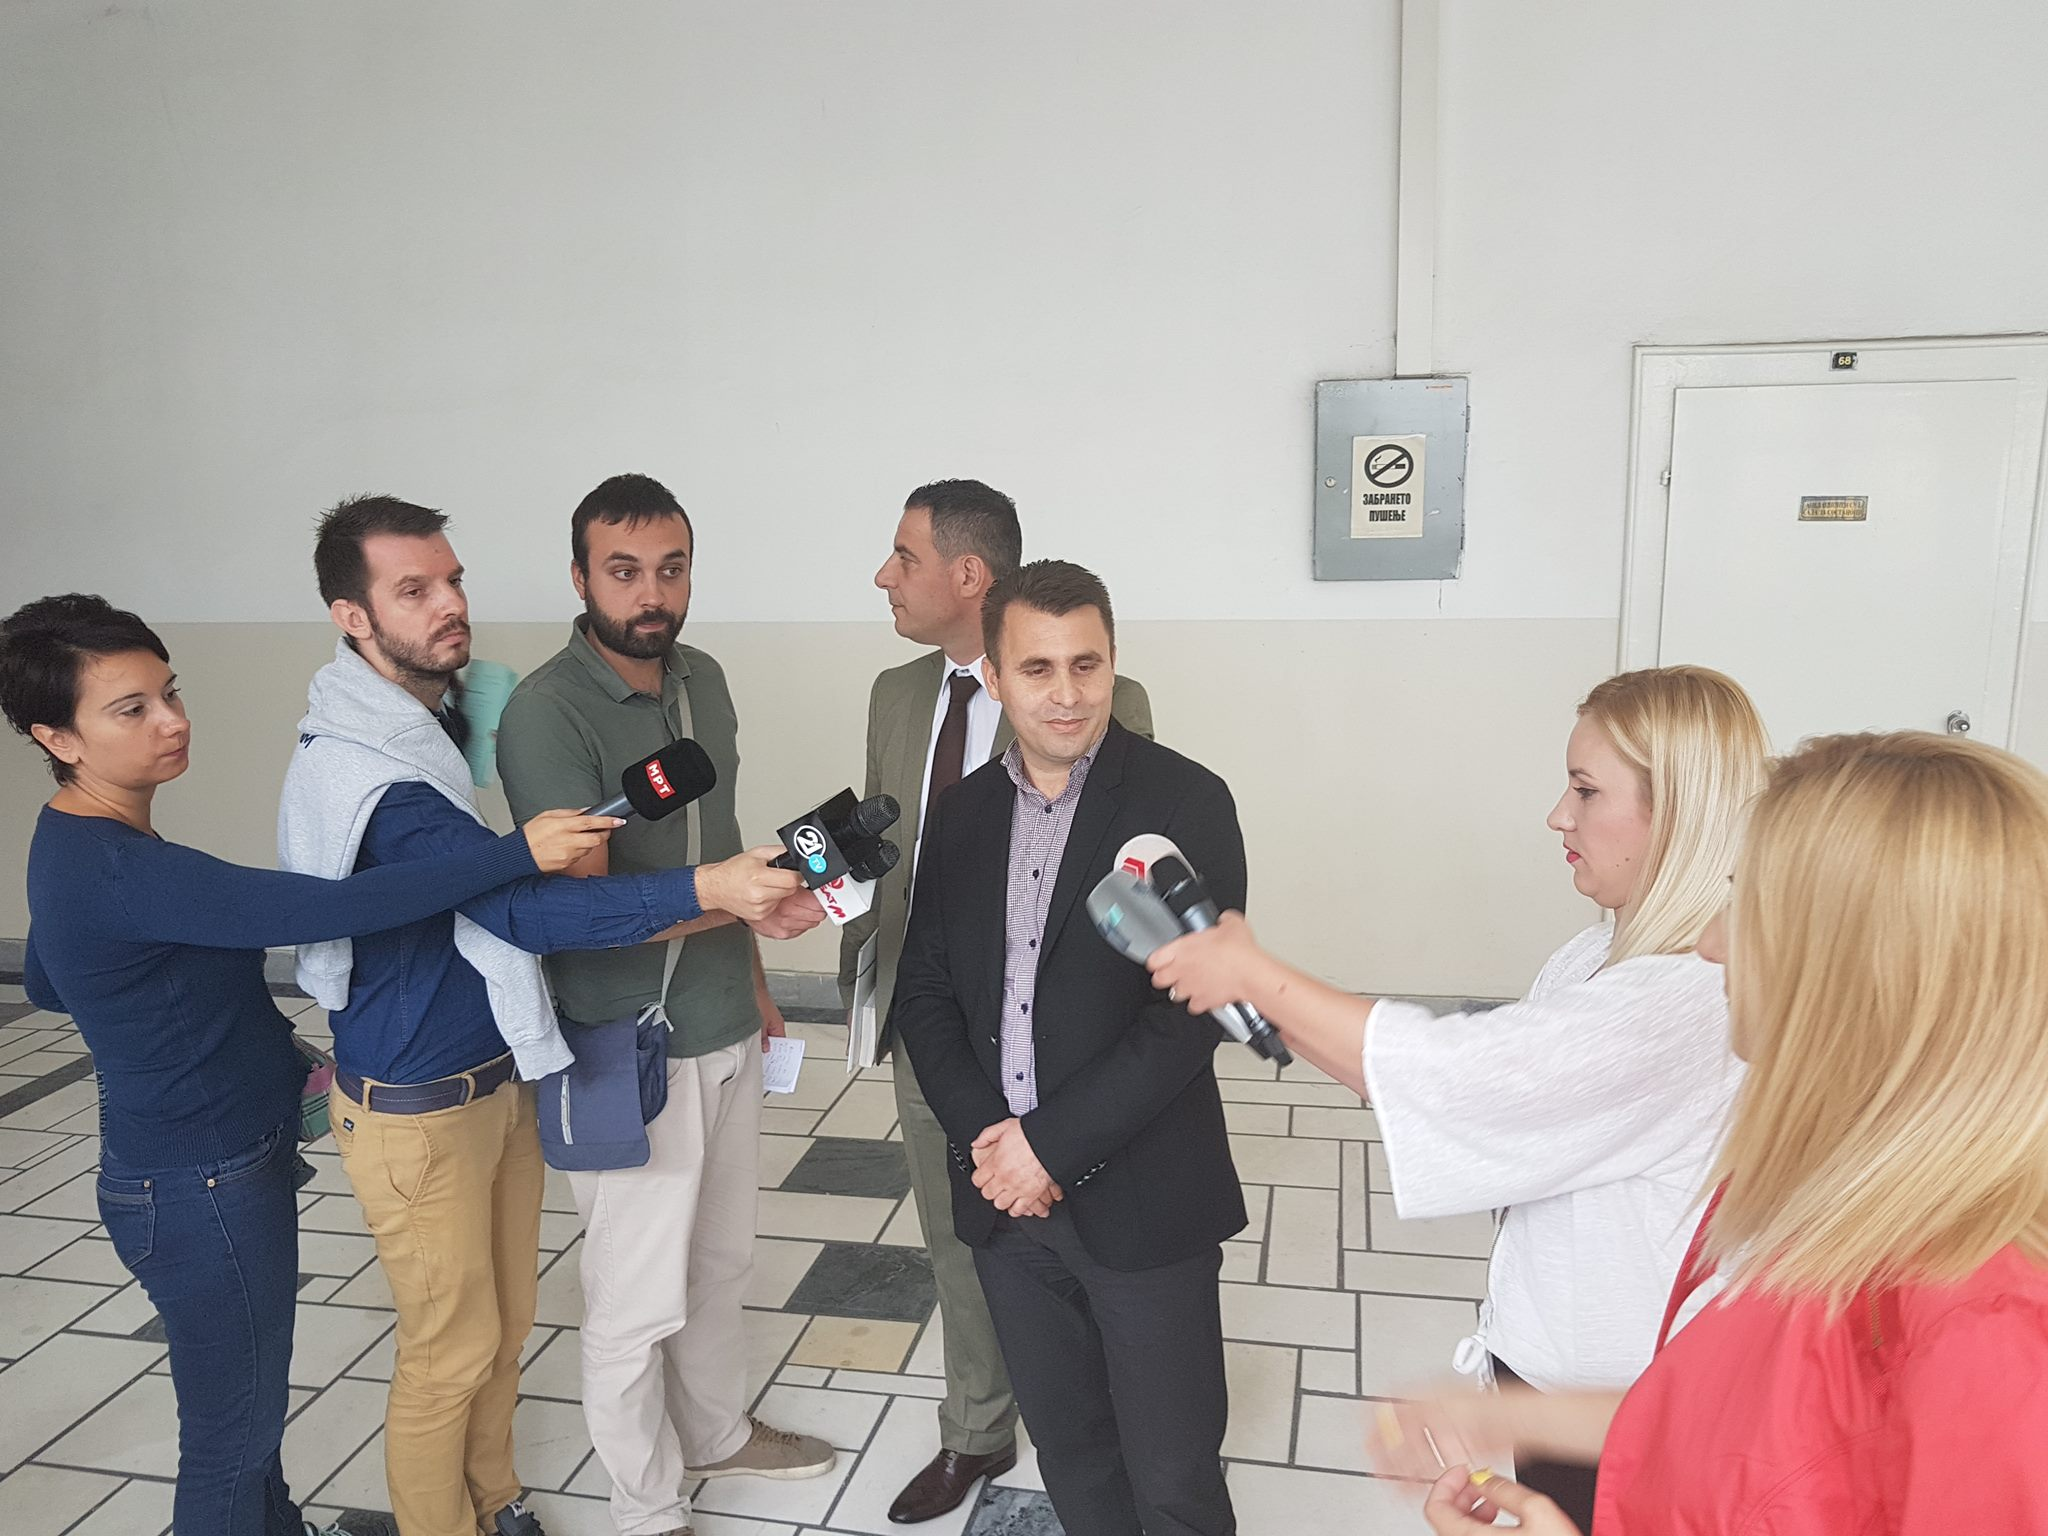 Фетаи  Обвинетиот Алими вршел влијание врз сведоци